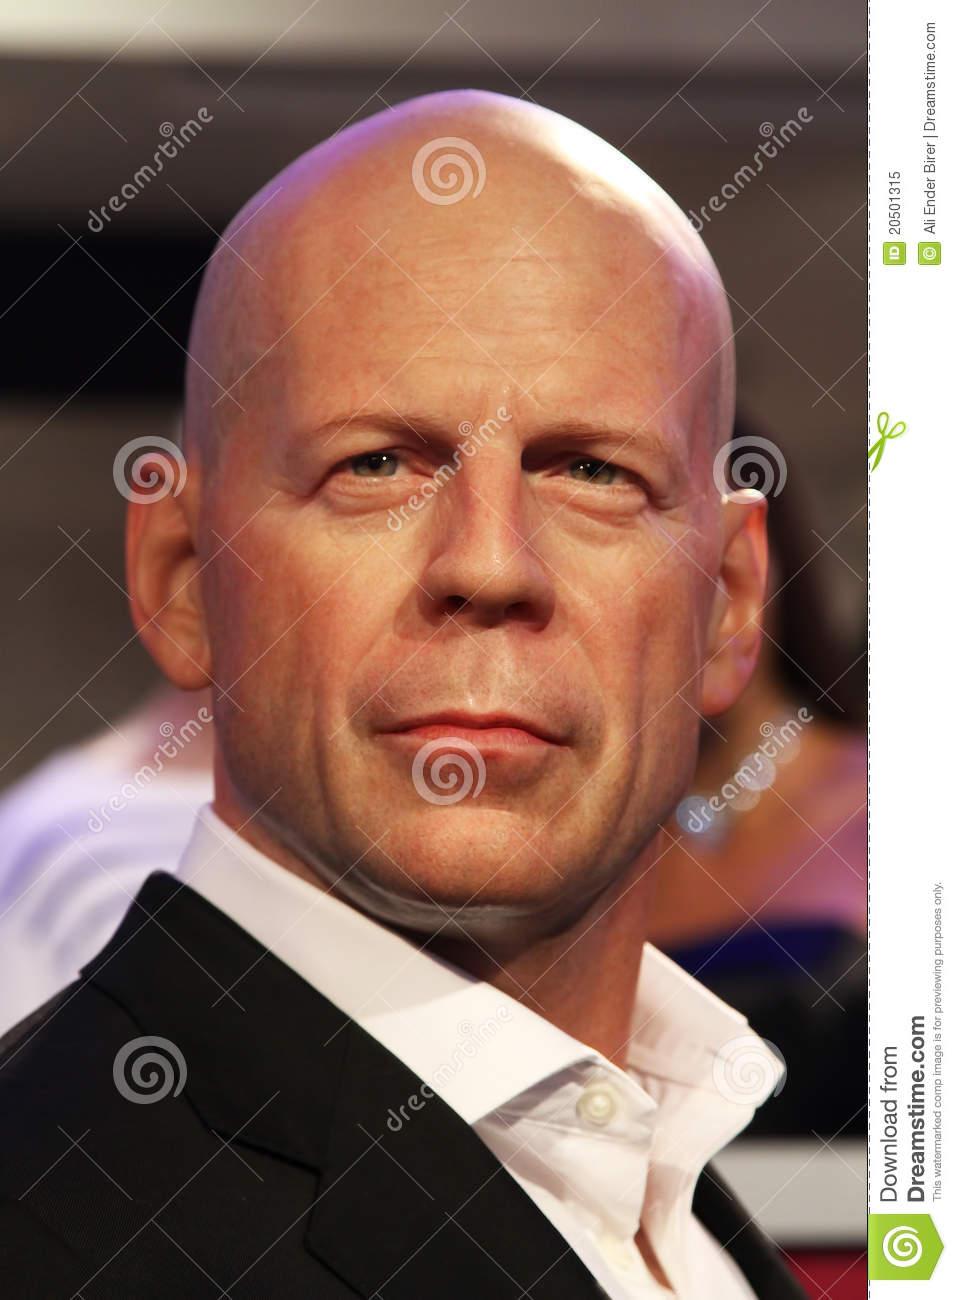 Bruce Willis Editorial Image.